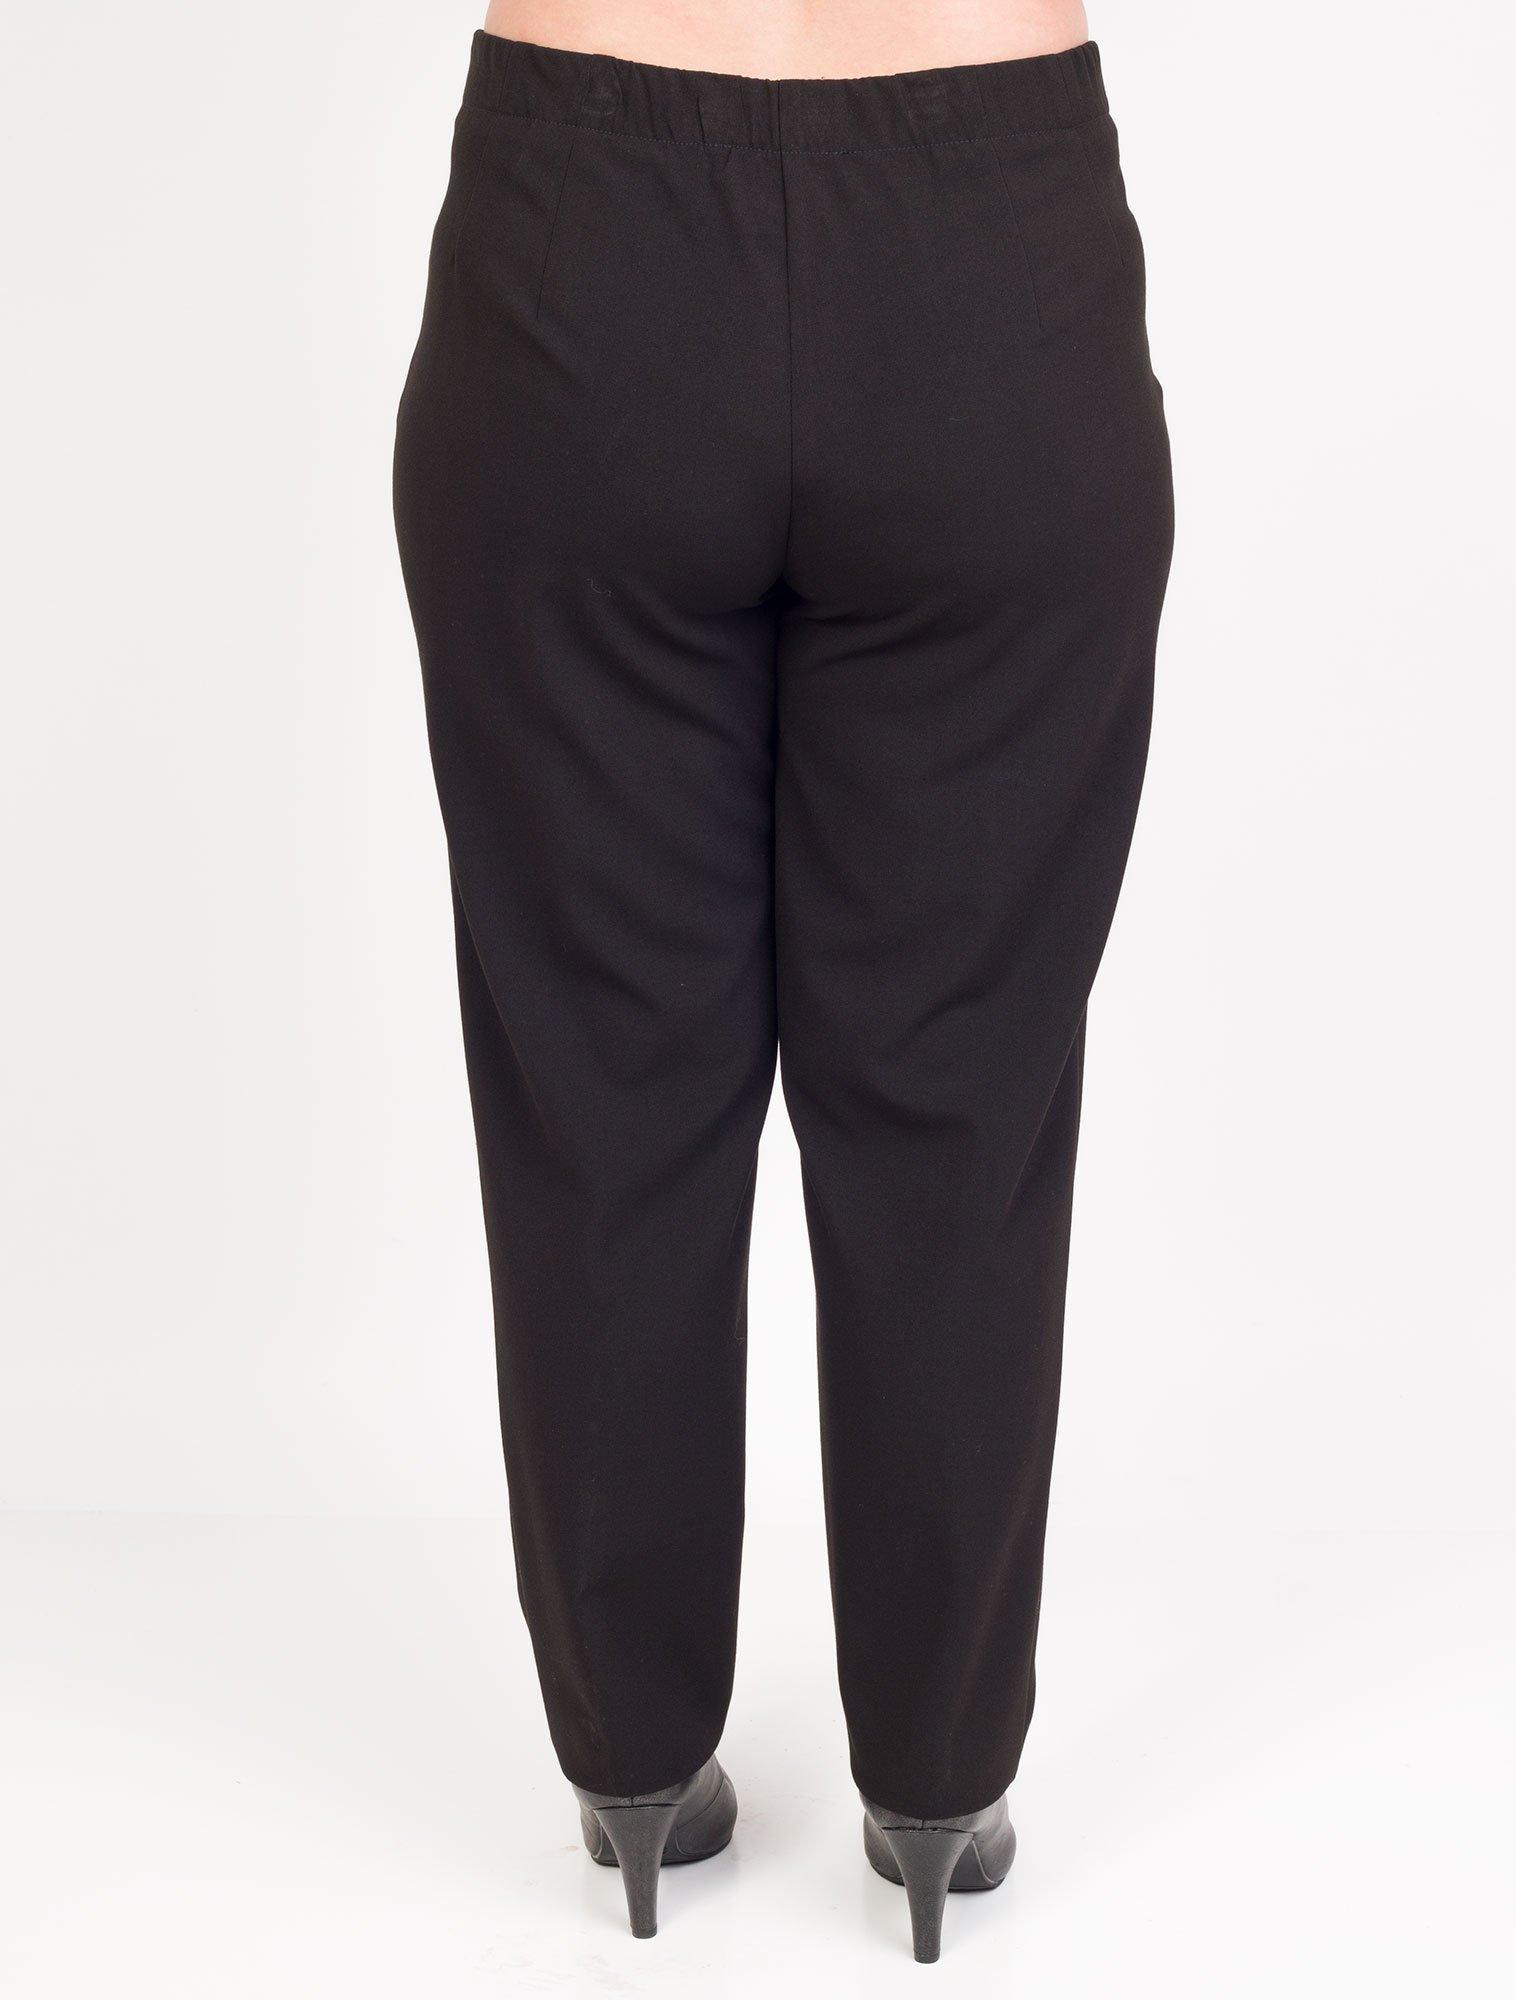 Qneel Klassiske pene svarte bukser med stretch